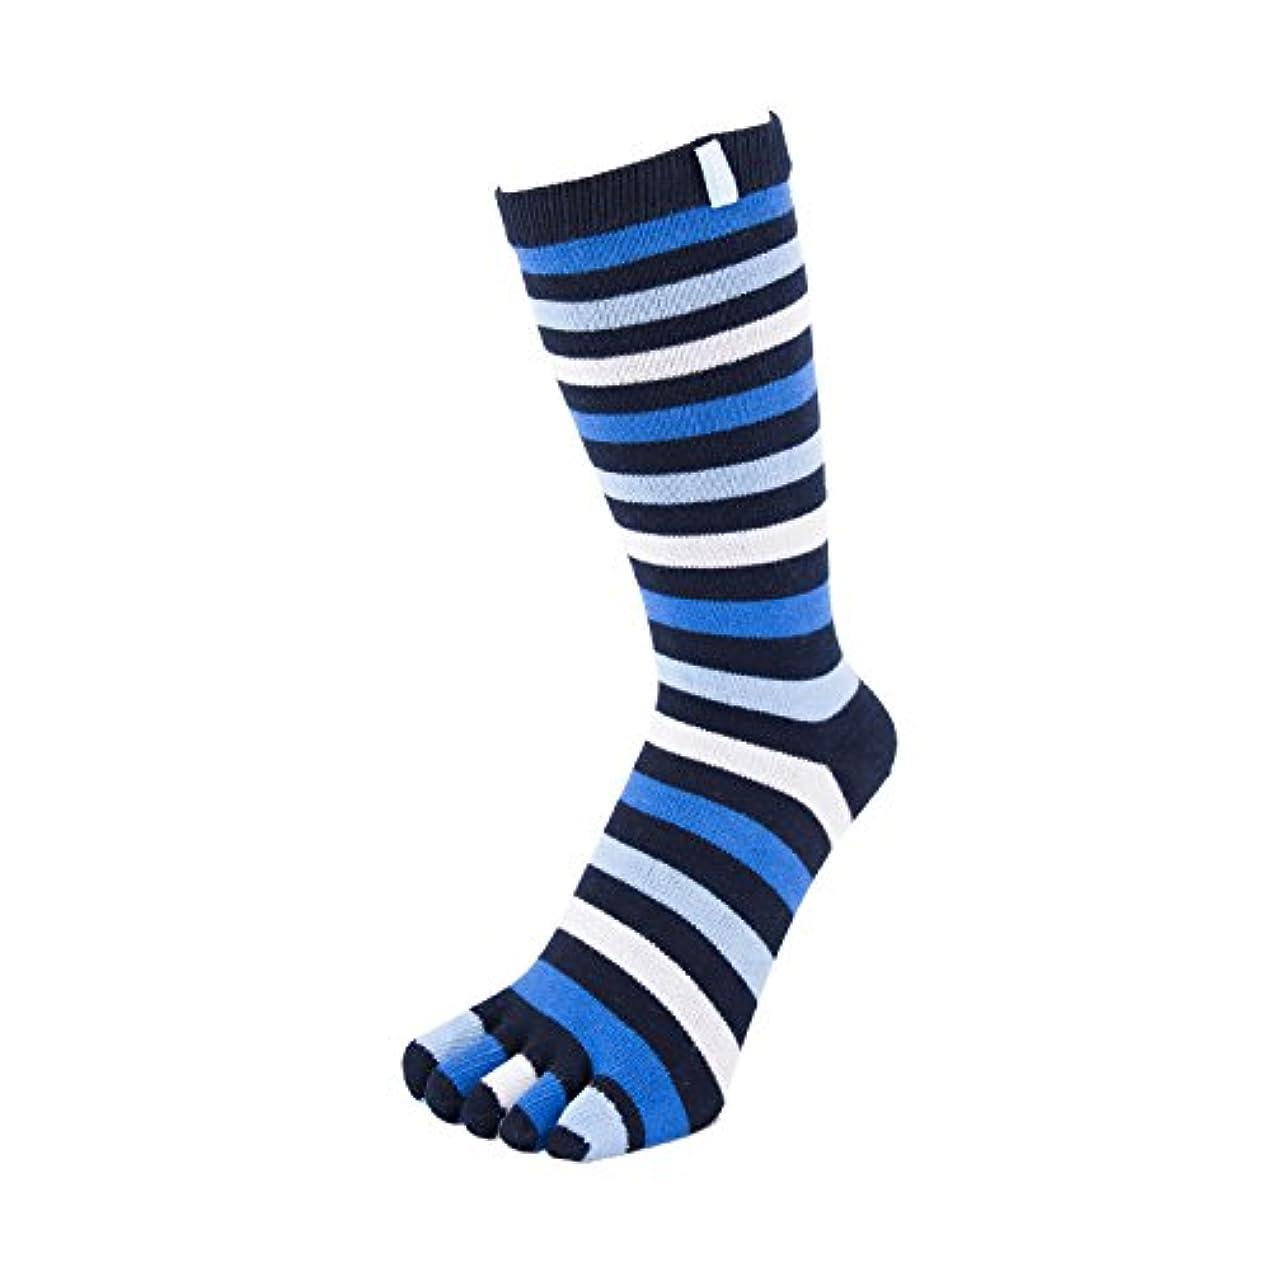 特別な汚染された忠実にTOETOE - ESSENTIAL - Mid-Calf Stripy Toe Socks (UK 4-11 | EU 36-46, Denim)